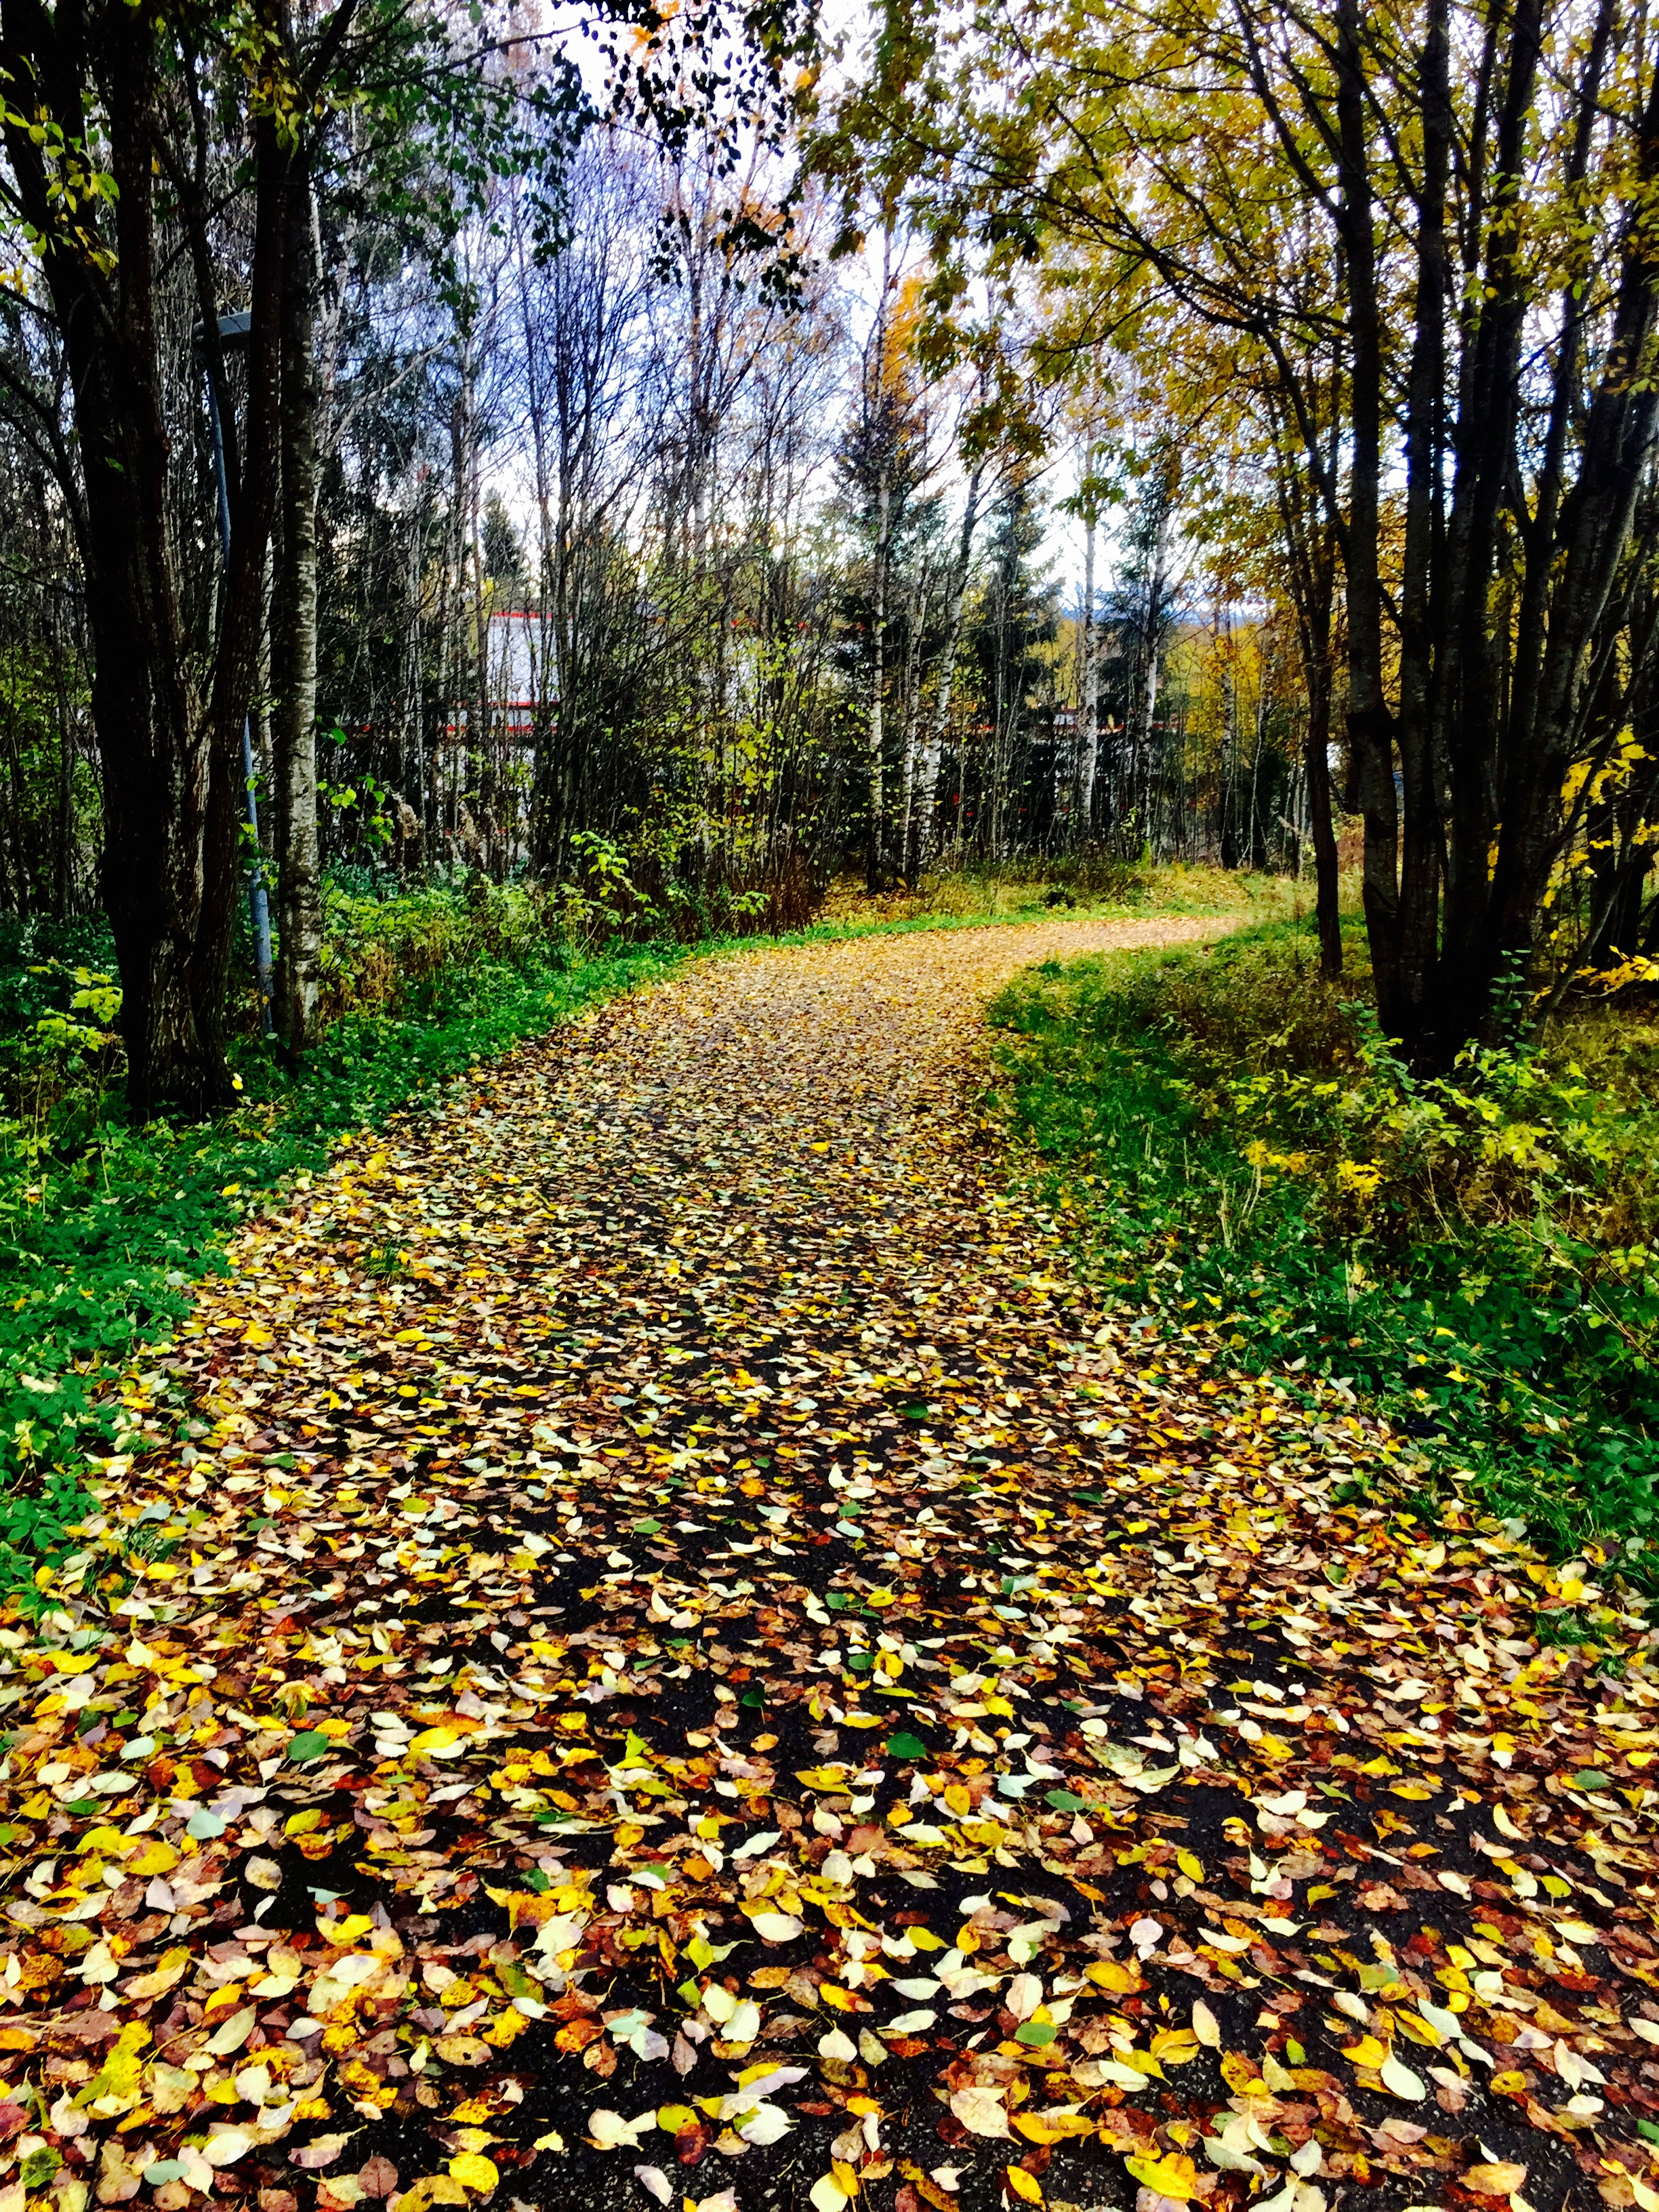 En vakker høstdag! Det tar omtrent 45 minutter å spasere hjemmenfra til treningssenteret, i mitt tempo, vel og merke.